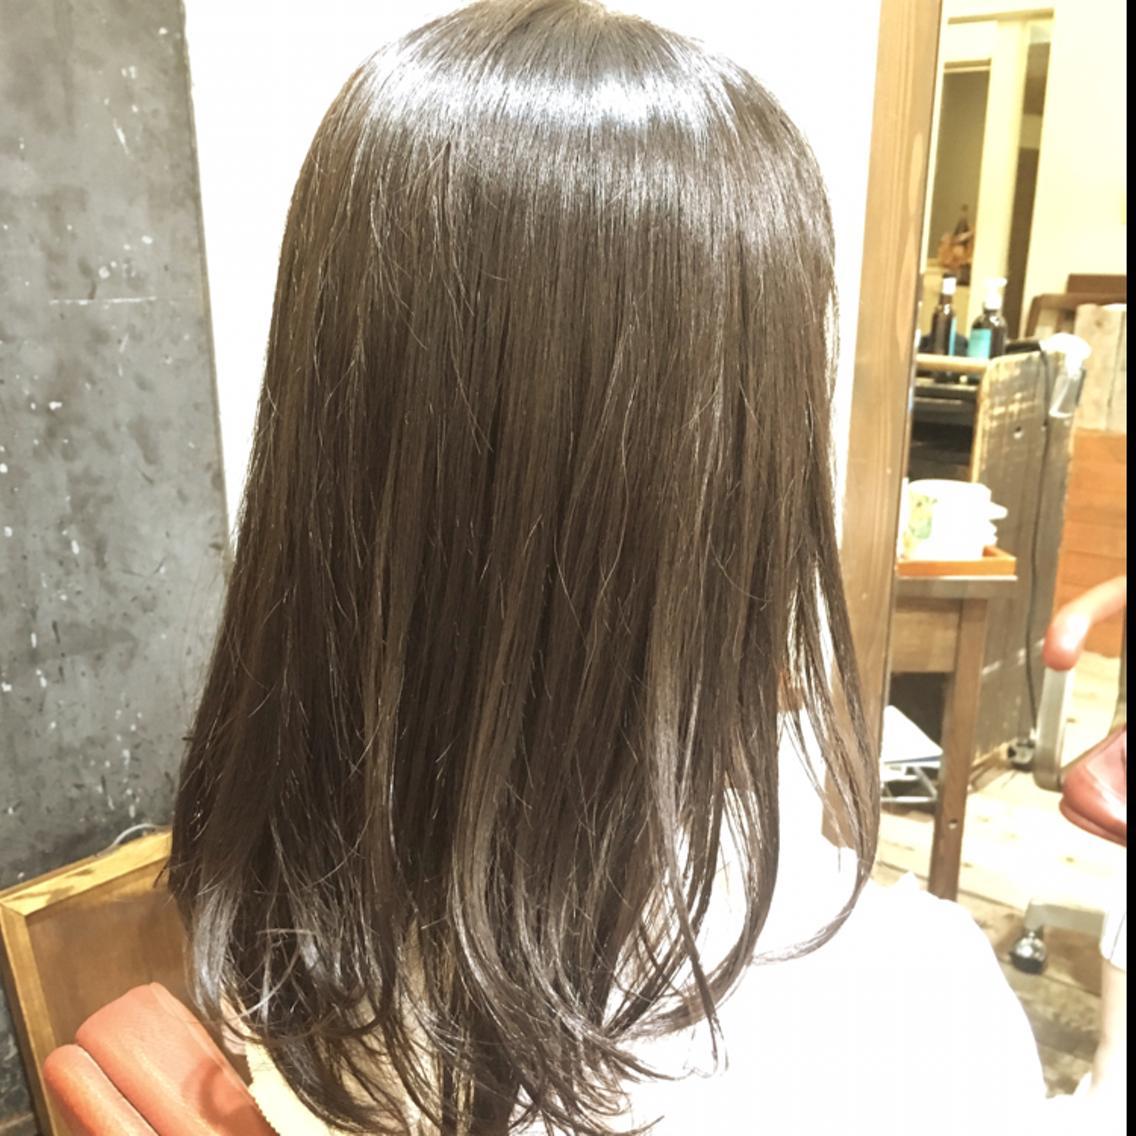 [ 三宮 加納町 florent ]縮毛矯正のレッスンモデル募集 力を貸して下さる方探しています✨